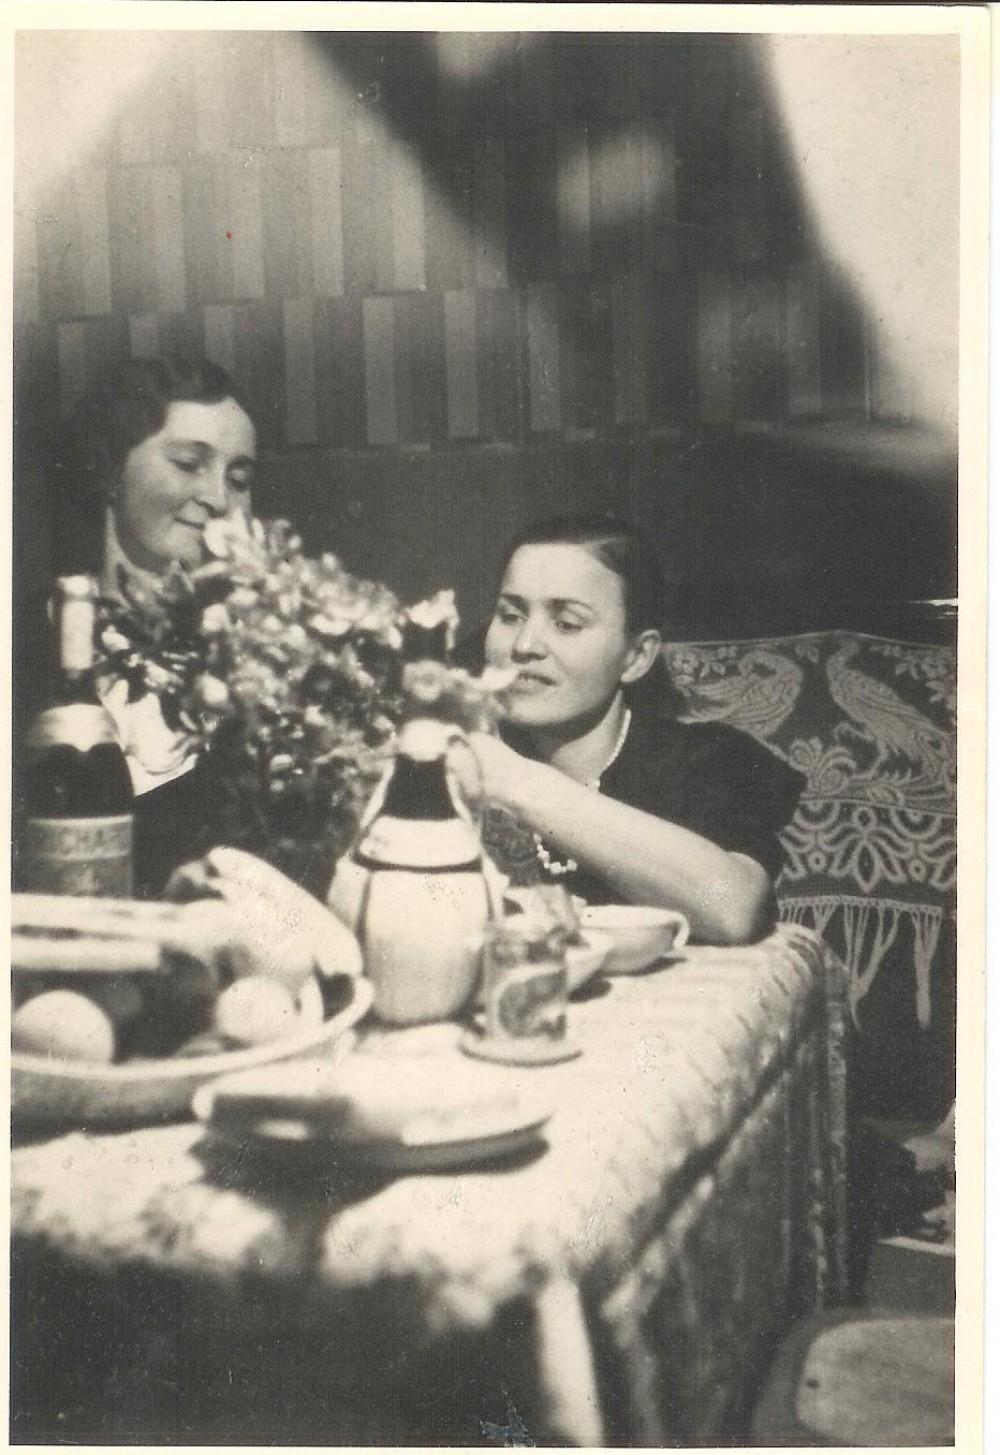 Su P. Orintaite viešbučio kambaryje. Paryžius. 1936 m. gruodžio 12 d.